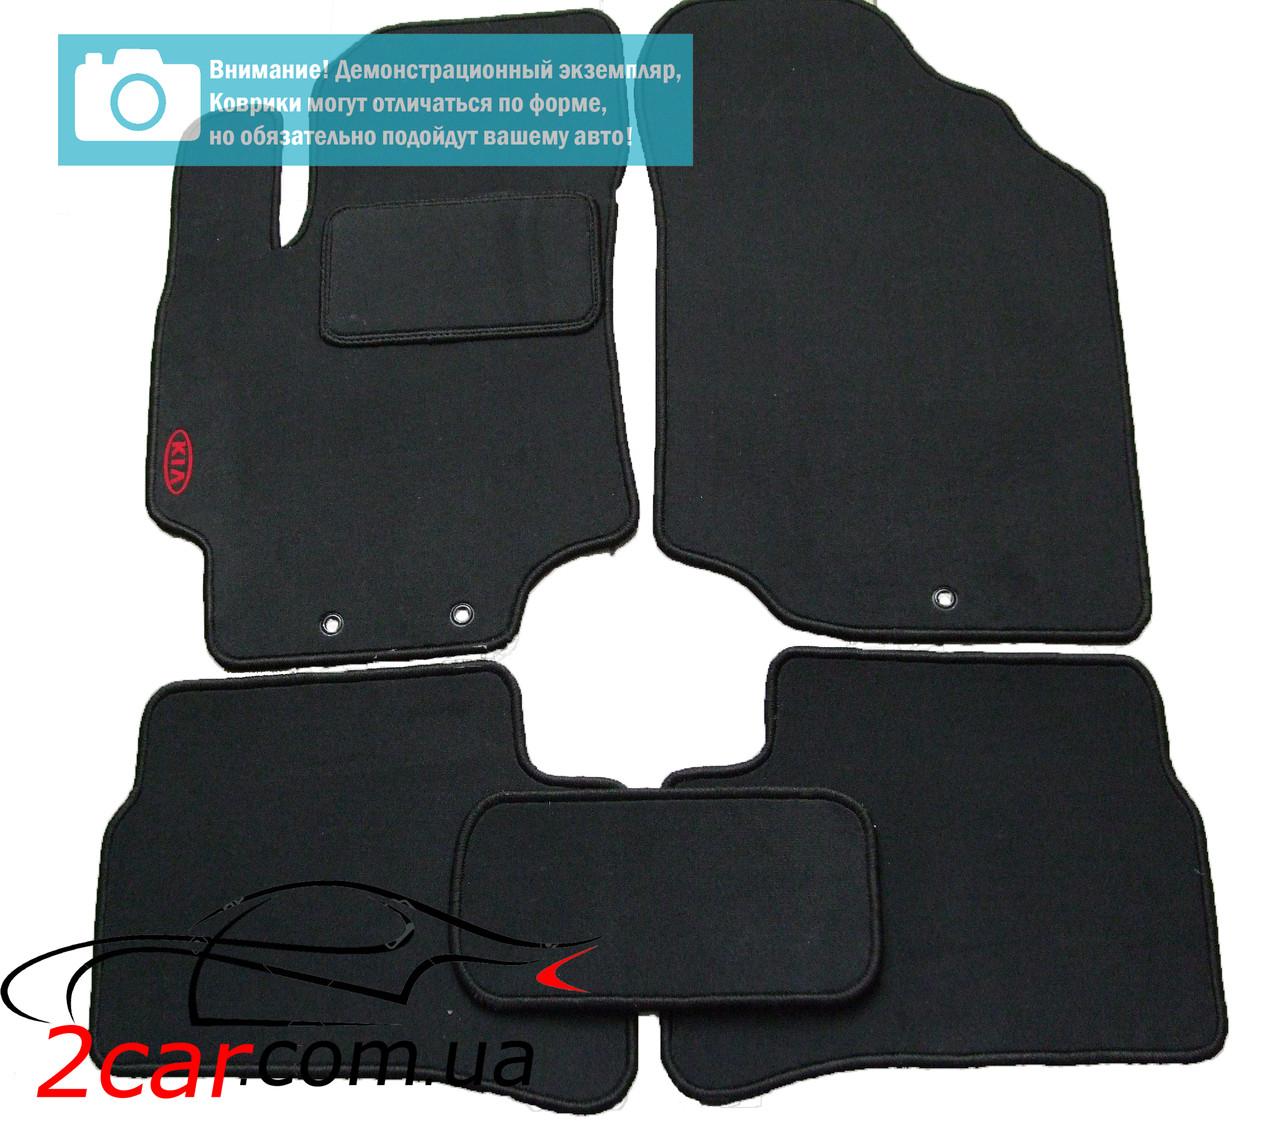 Текстильные коврики в салон для Subaru Forester (2008-) (серые) (Sting